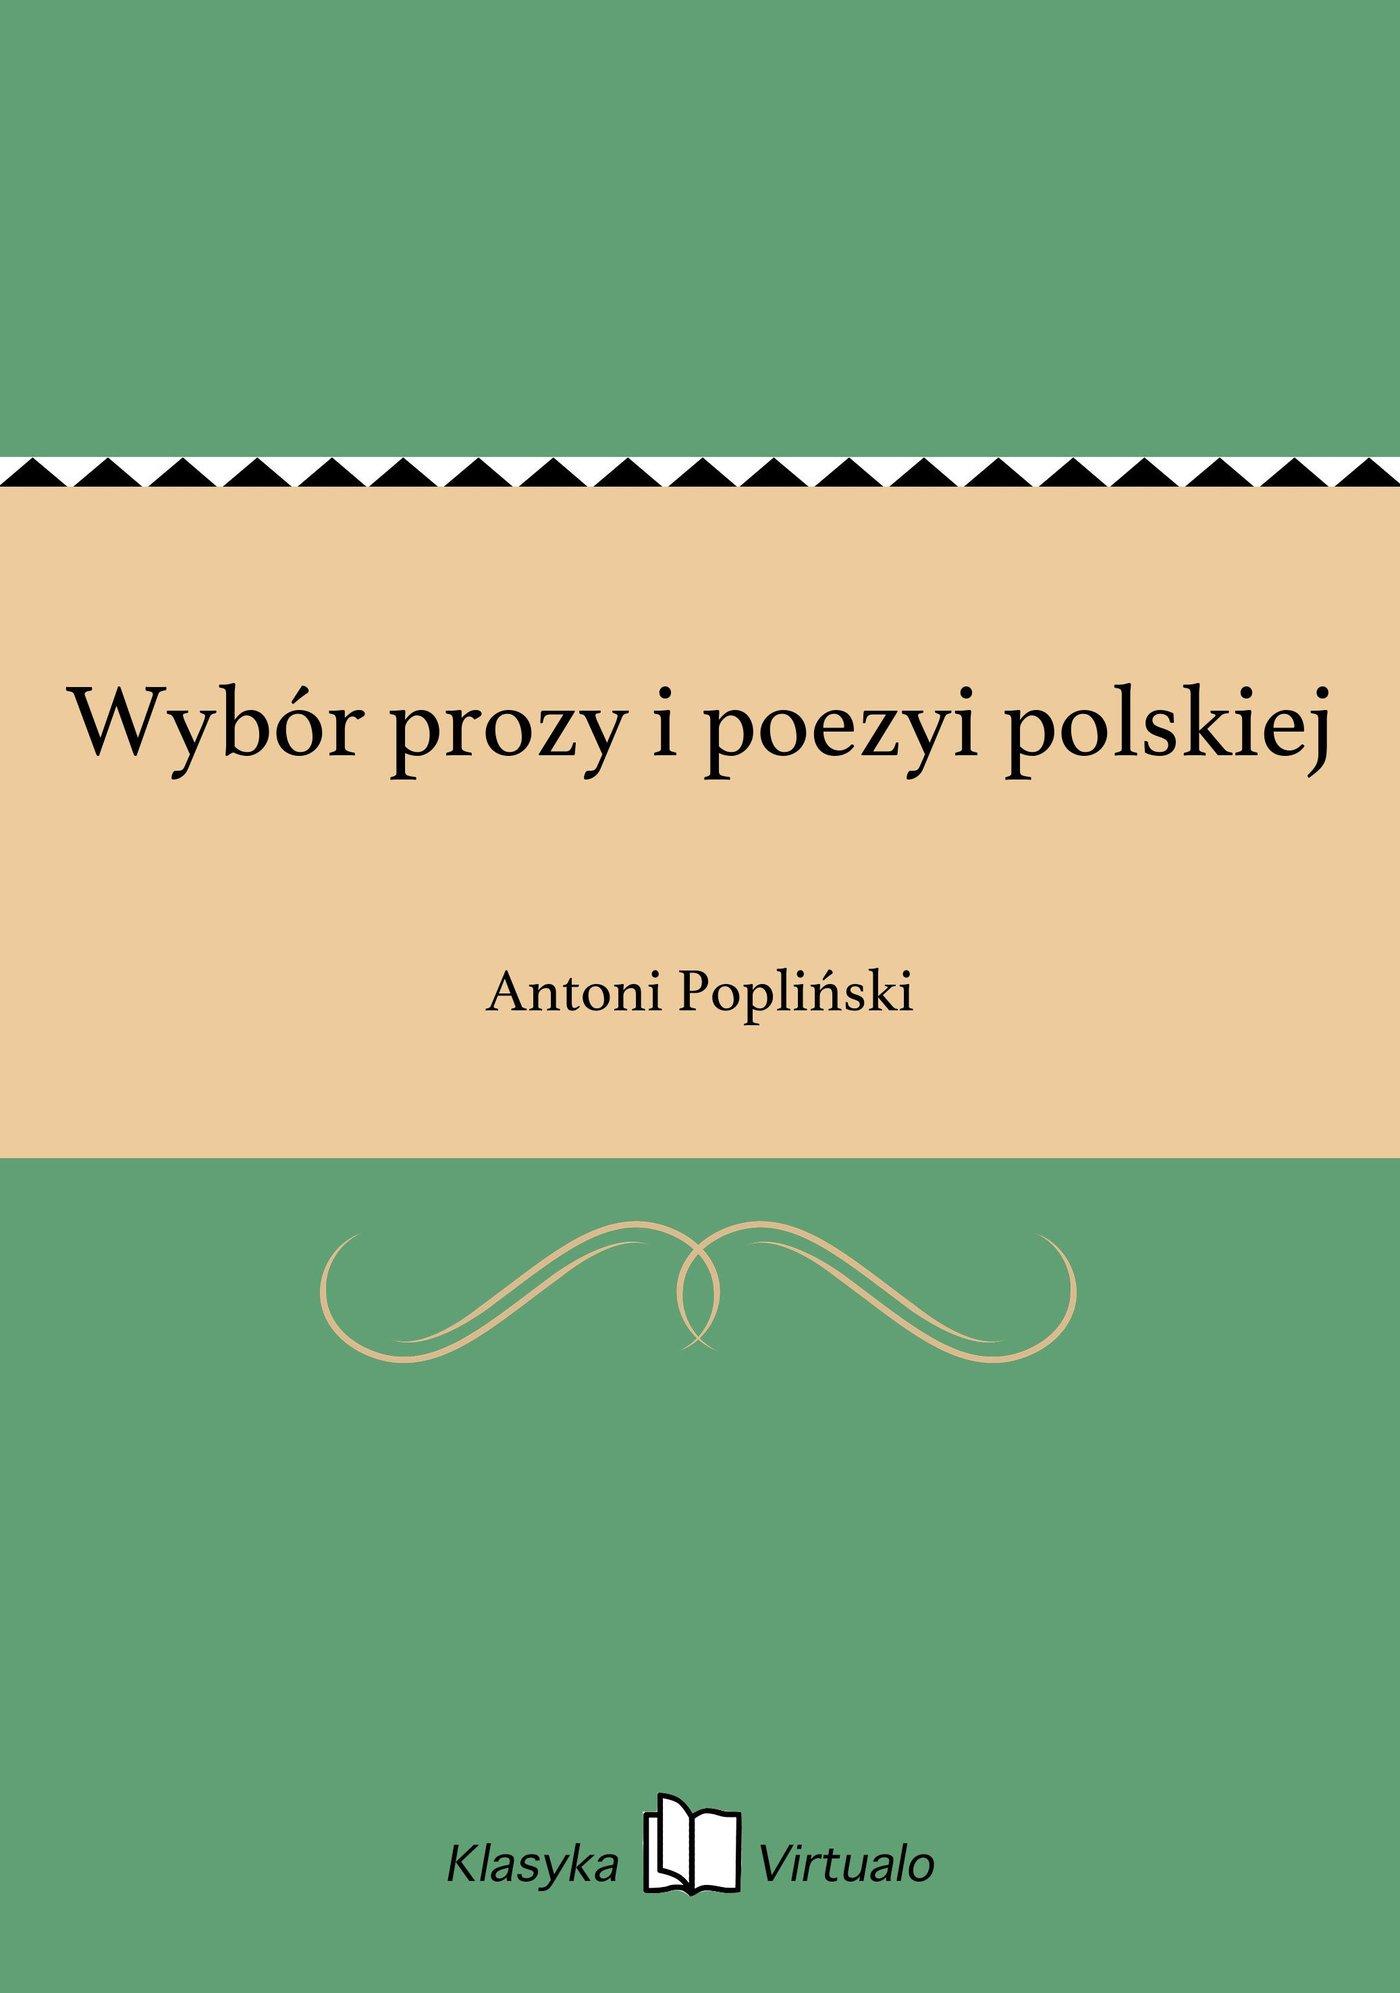 Wybór prozy i poezyi polskiej - Ebook (Książka EPUB) do pobrania w formacie EPUB